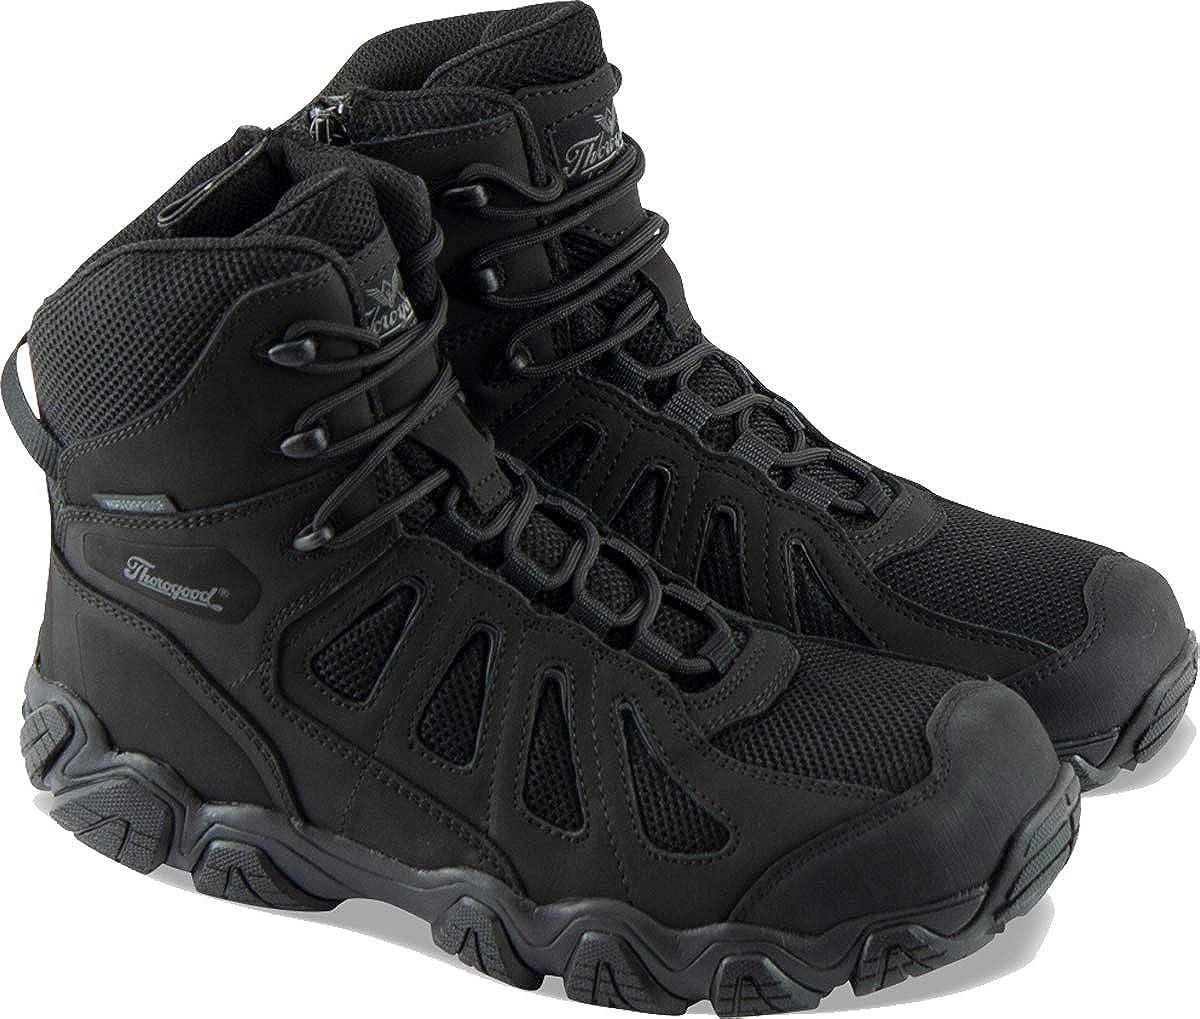 Thorogood Men's Crosstrex Series Side Zip BBP Waterproof 6 Hiker